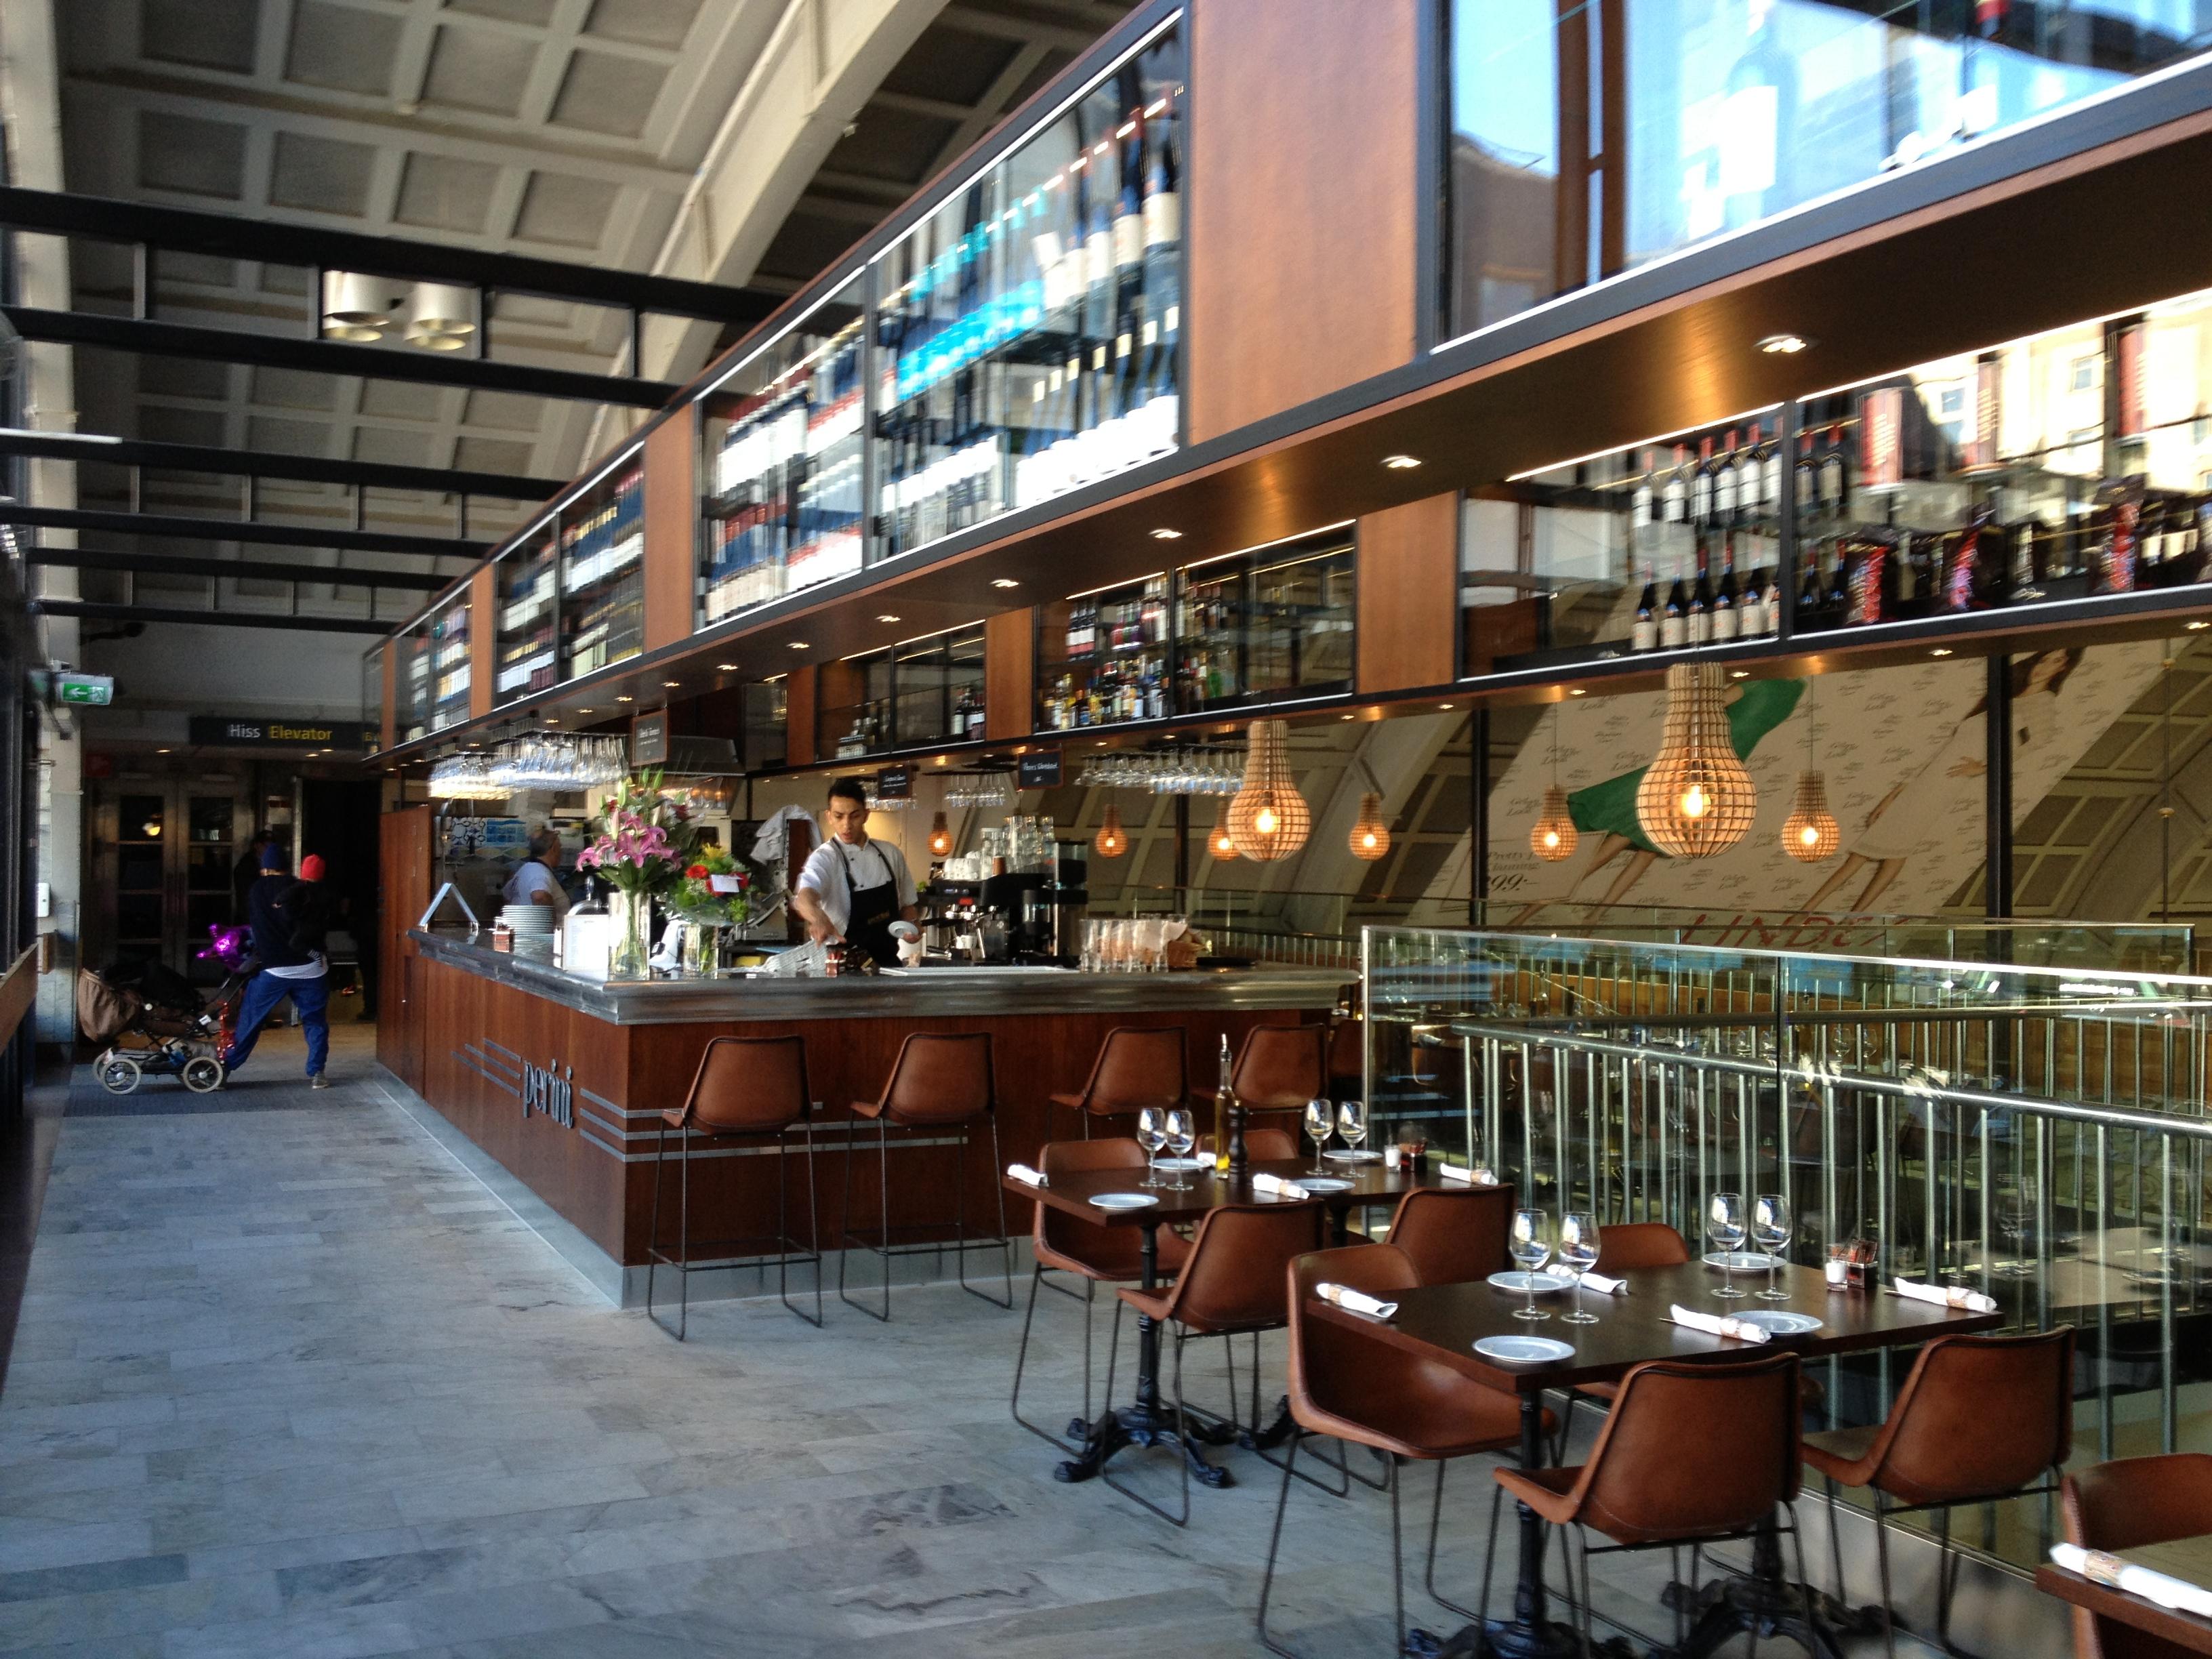 New wine champagne food bar in stockholm hofv2 for Food bar grand hotel stockholm